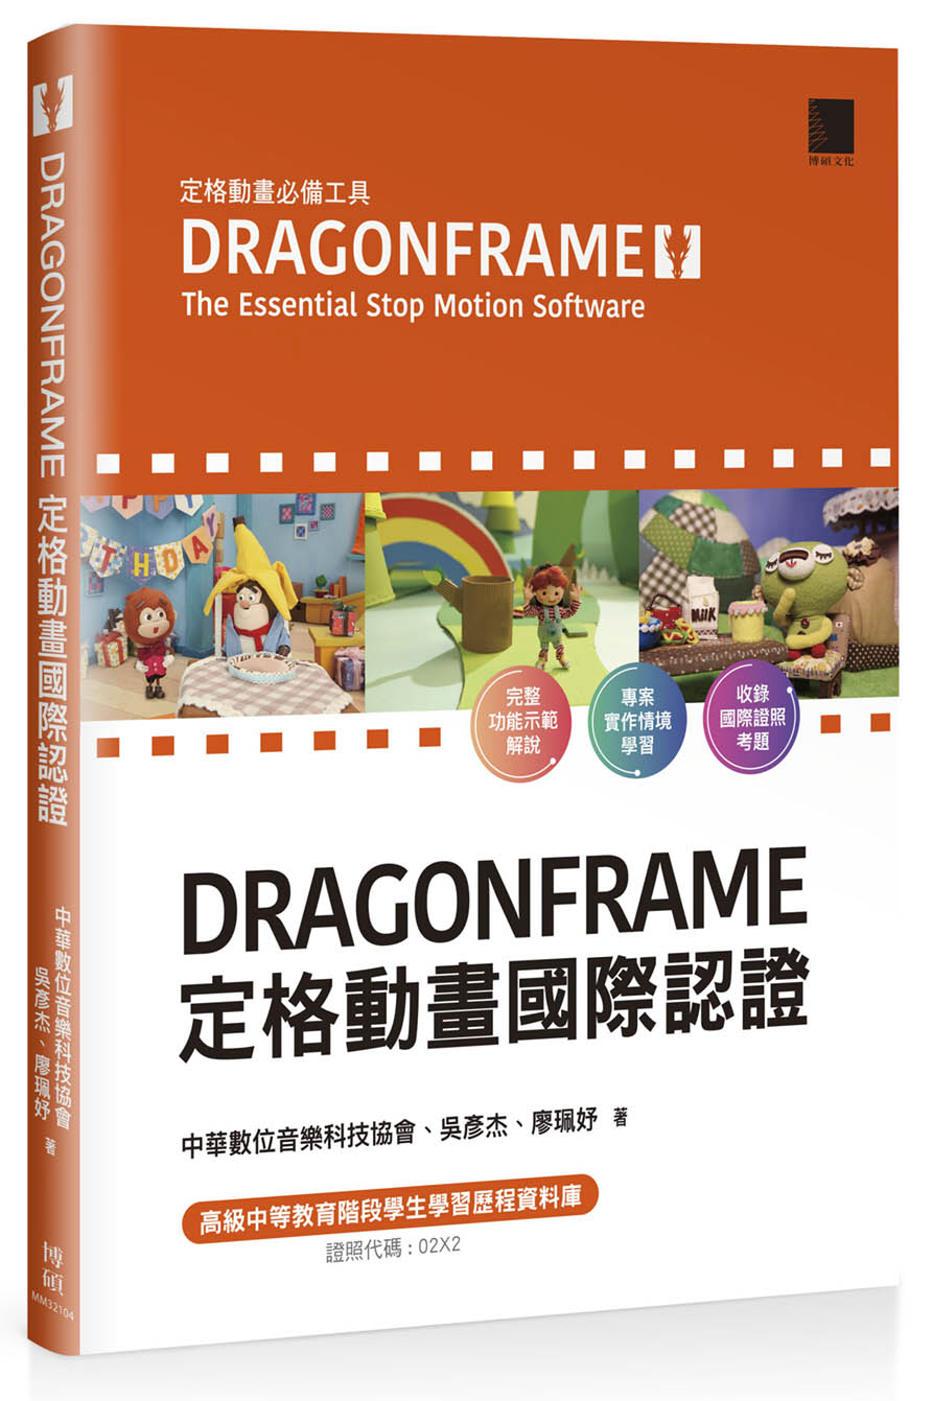 DRAGONFRAME 定格動...